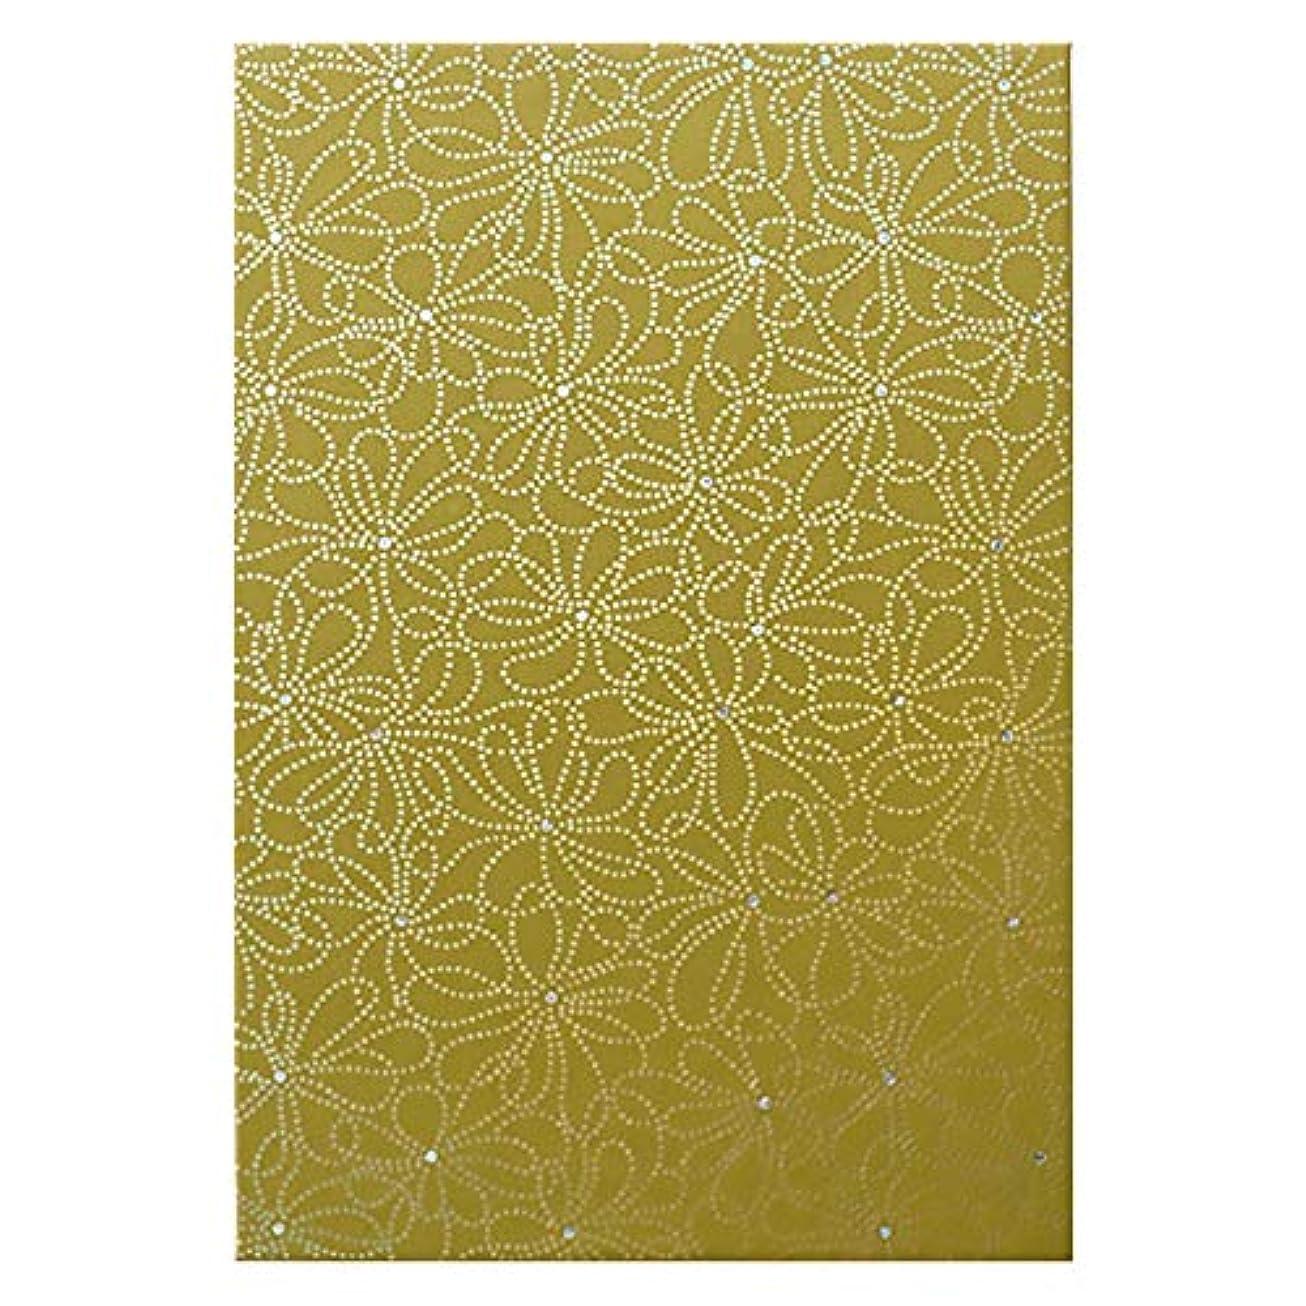 アクセス記念碑的な円周サクライカード 箔ご朱印帳「花つなぎ」 サクライカード HG002